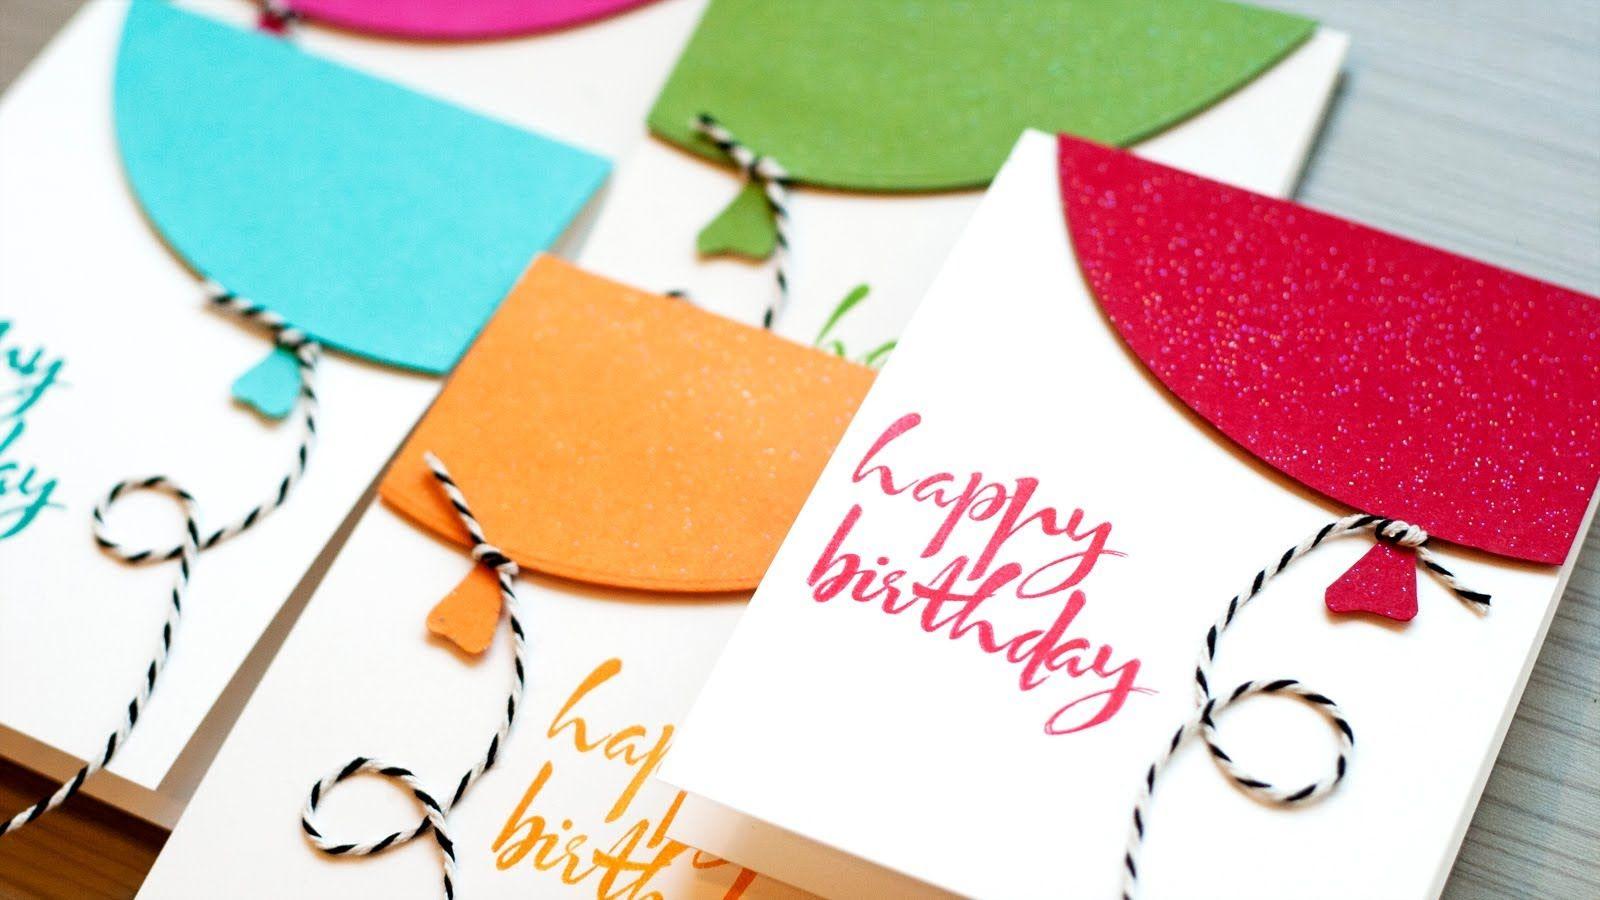 Прикрепить картинку, классные идеи для открытки на день рождения